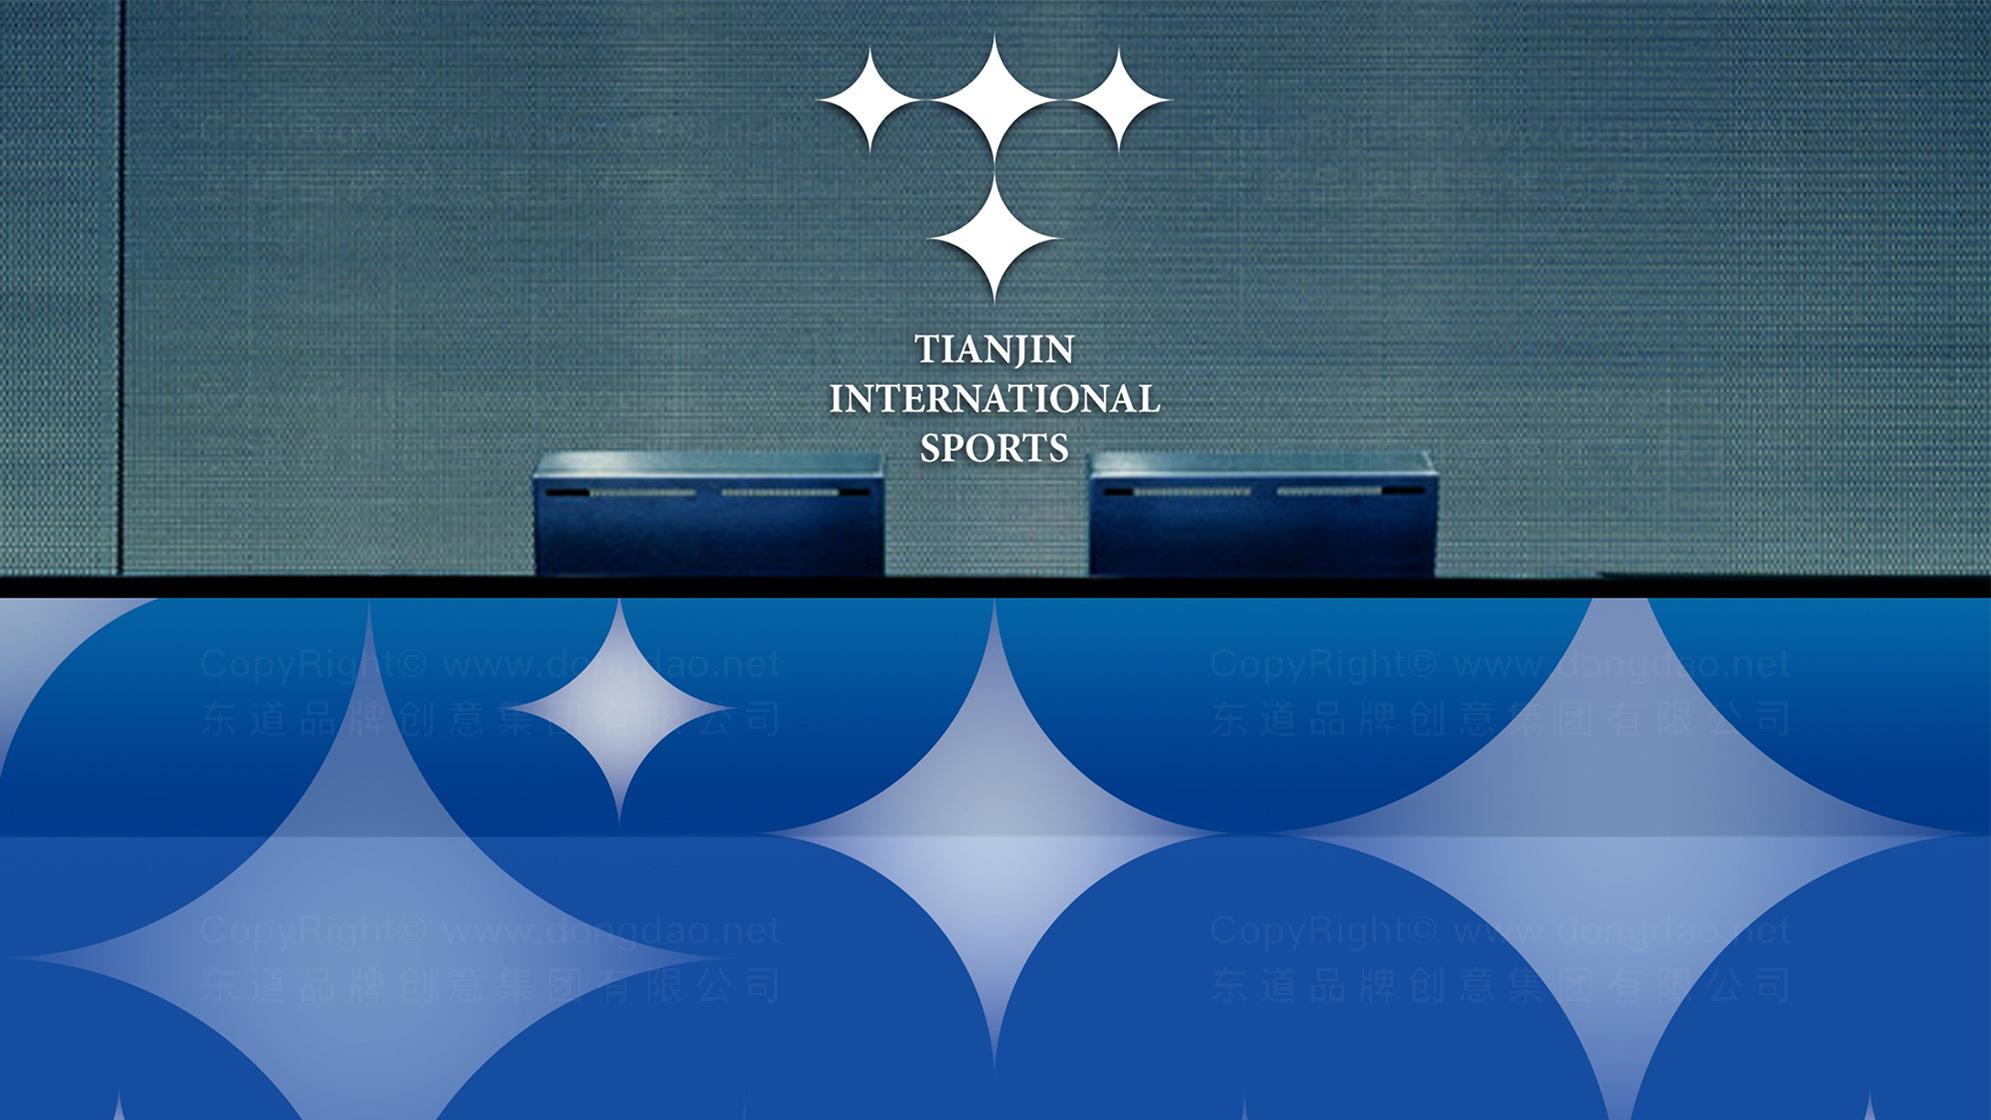 品牌设计天津国际体育LOGO&VI设计应用